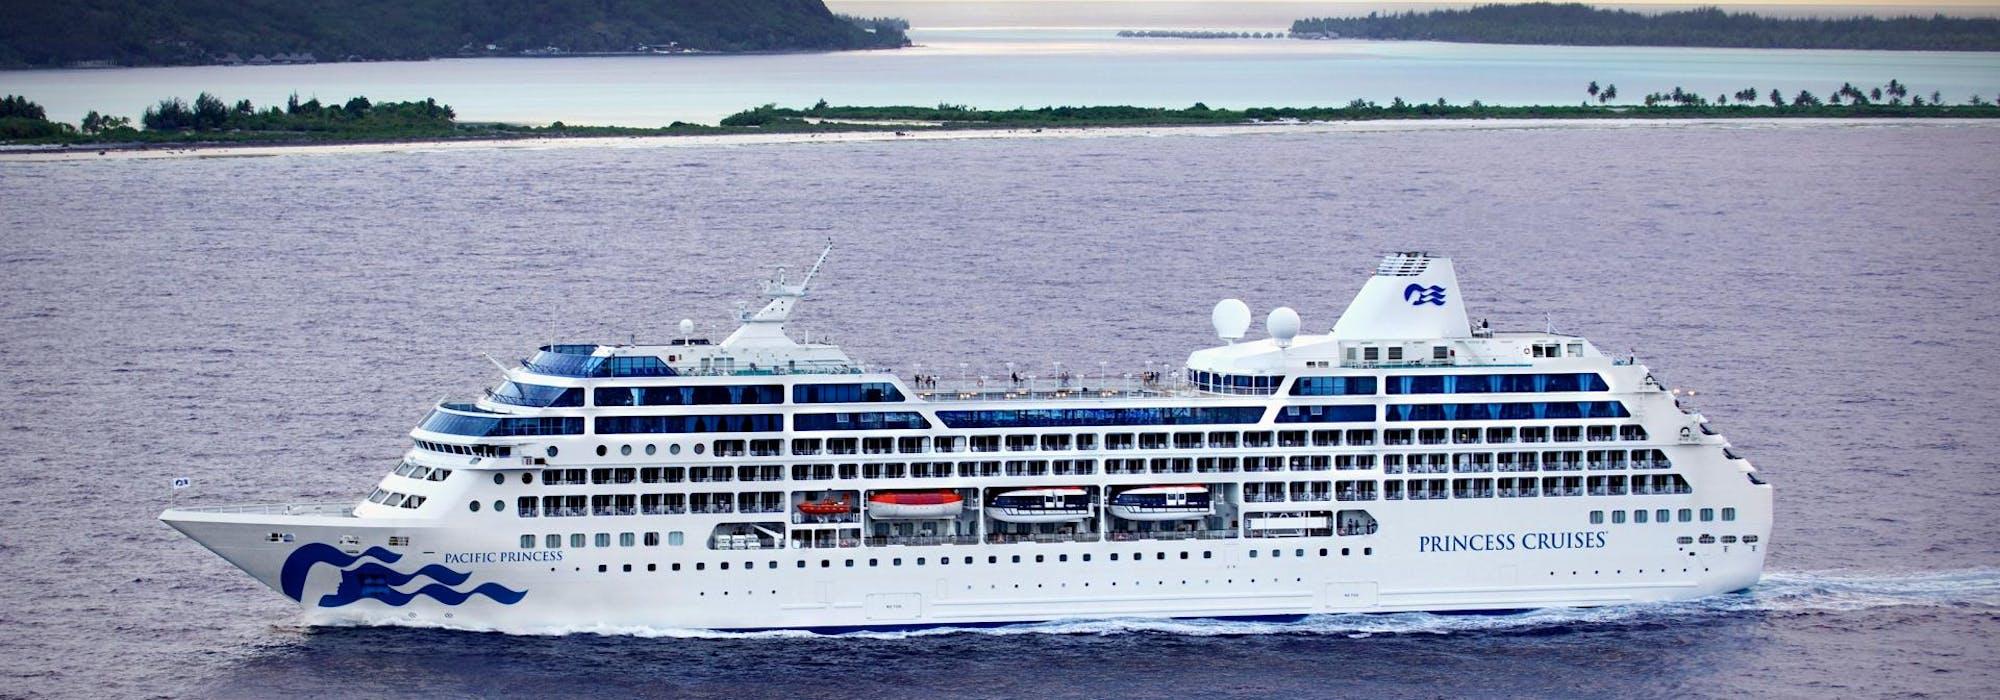 Bild från sidan på Pacific Princess kryssandes framåt med en mindre ögrupp i bakgrunden.